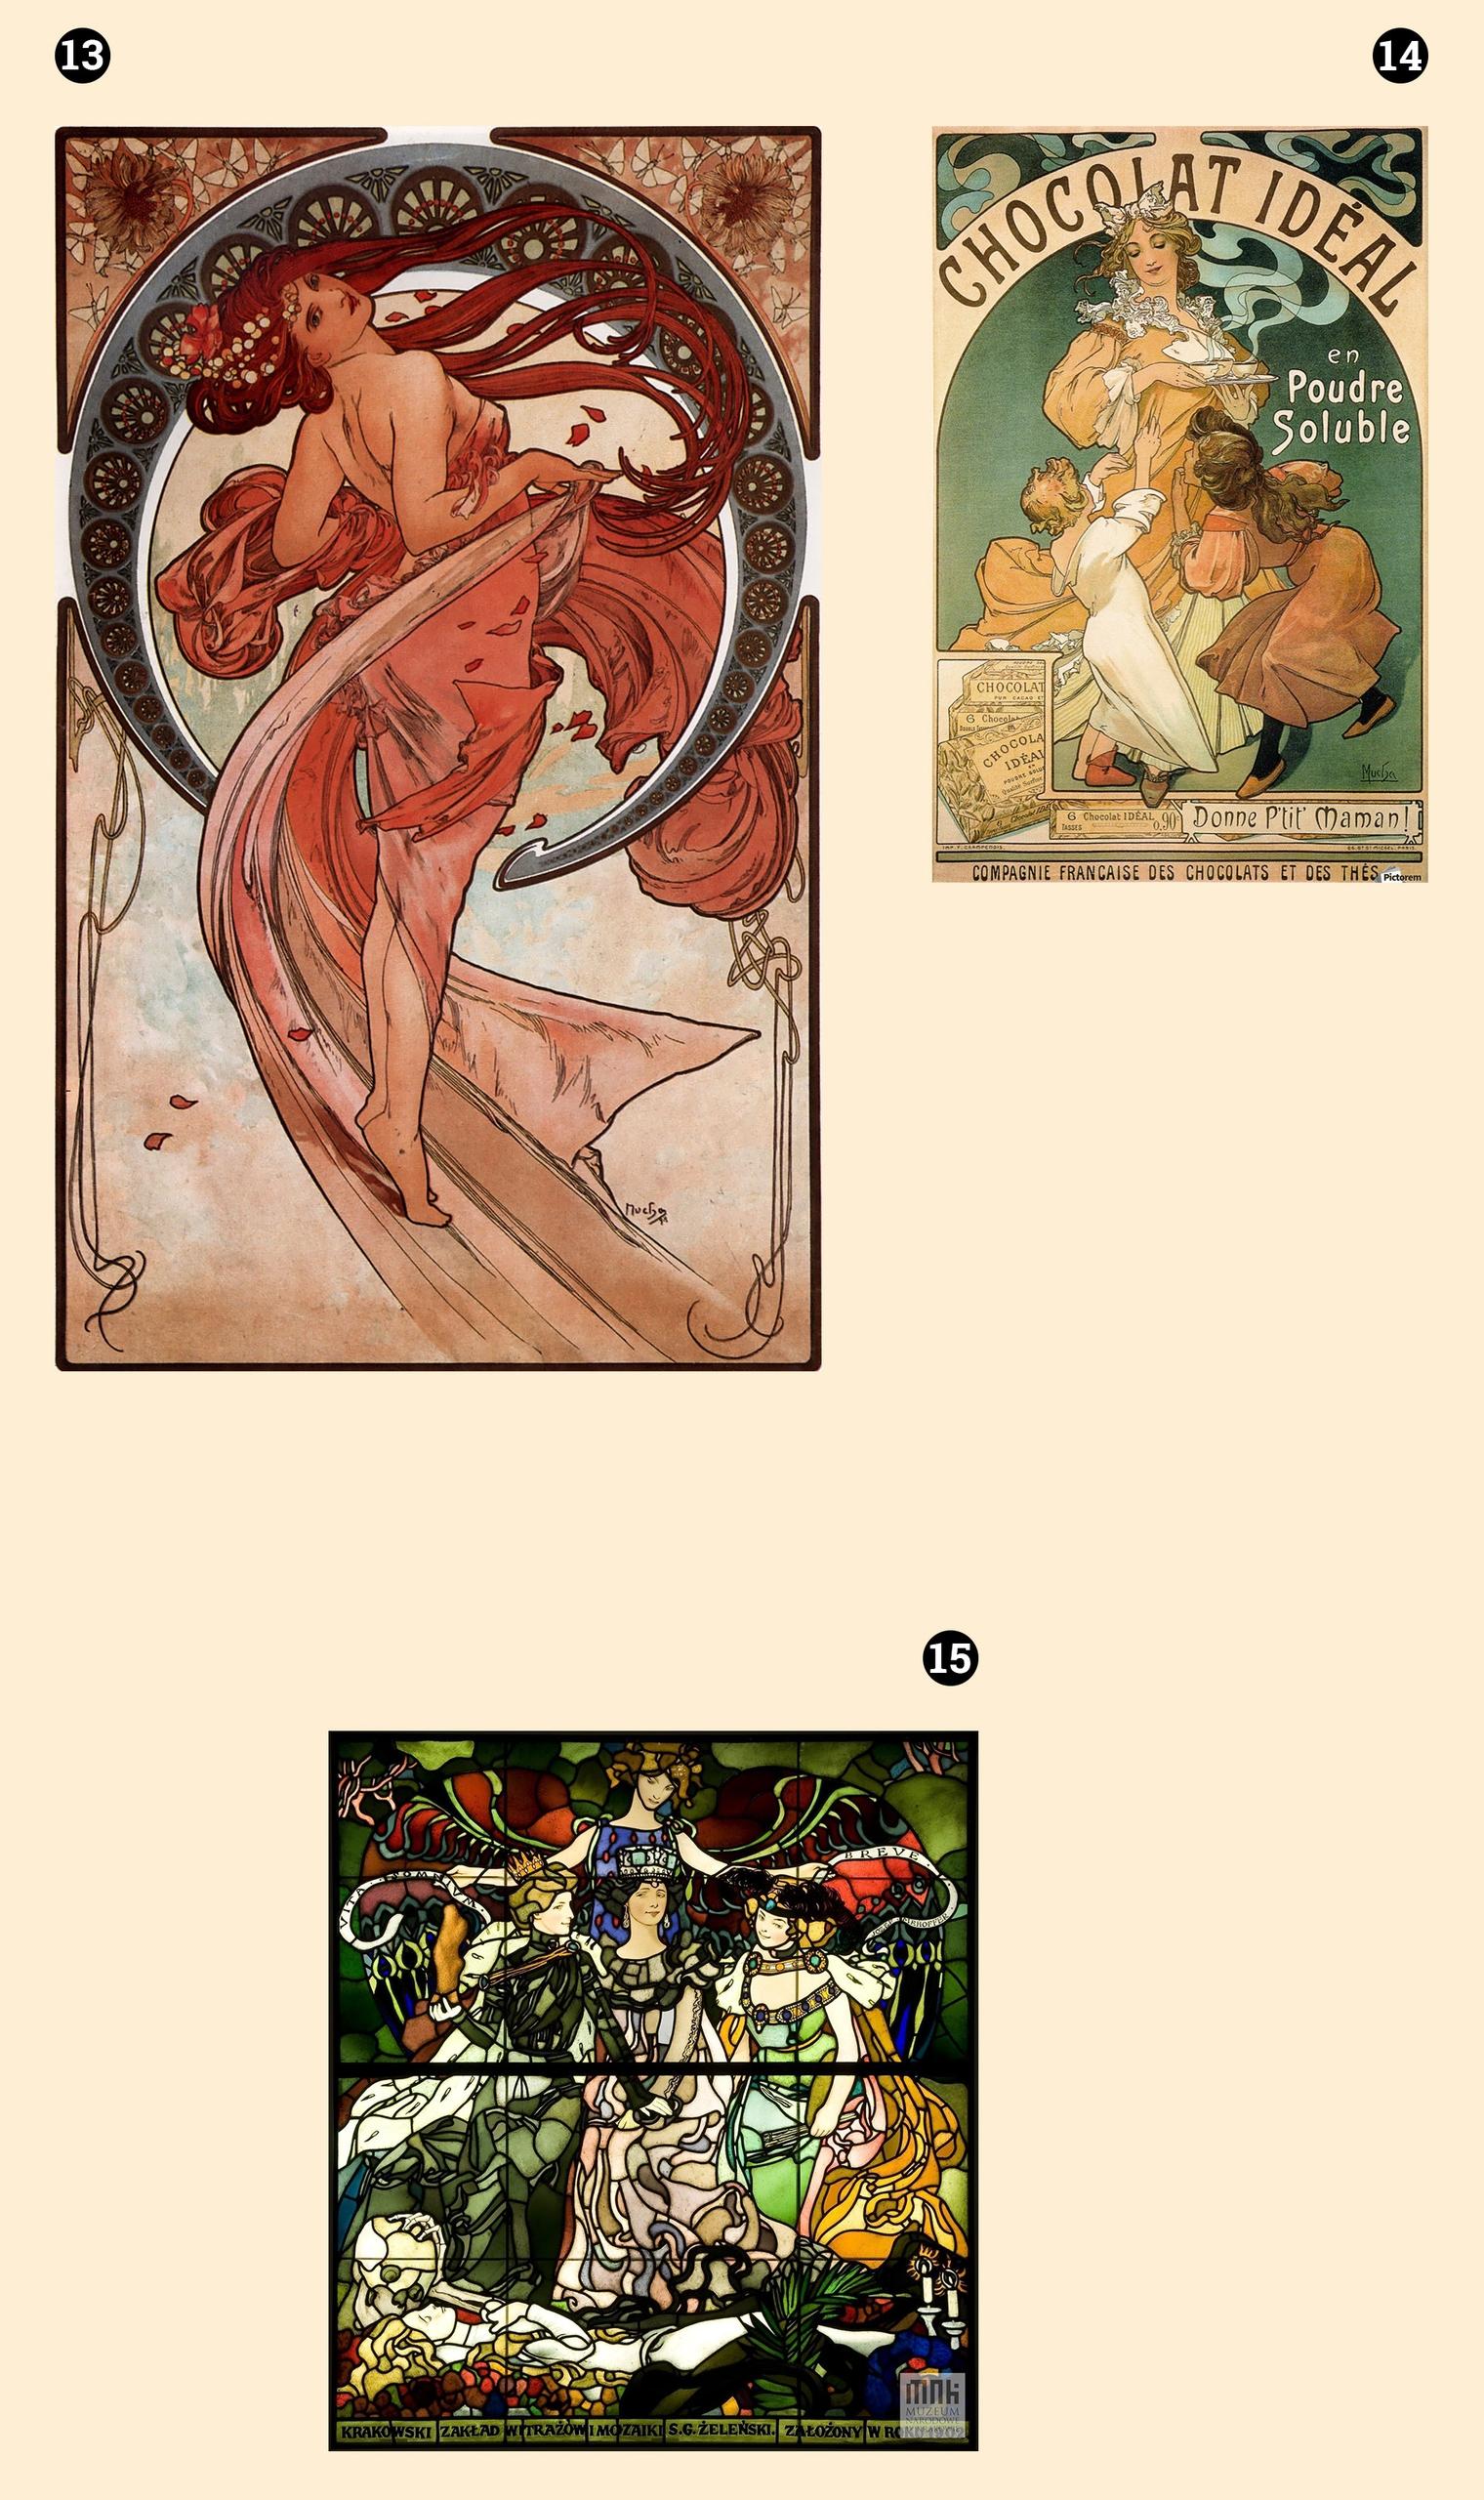 Obraz przedstawia trzy fotografie. Jedna z nich przedstawia witraż, dwie pozostałe obrazy znanego artysty. Całość na jasno-żółtym tle.